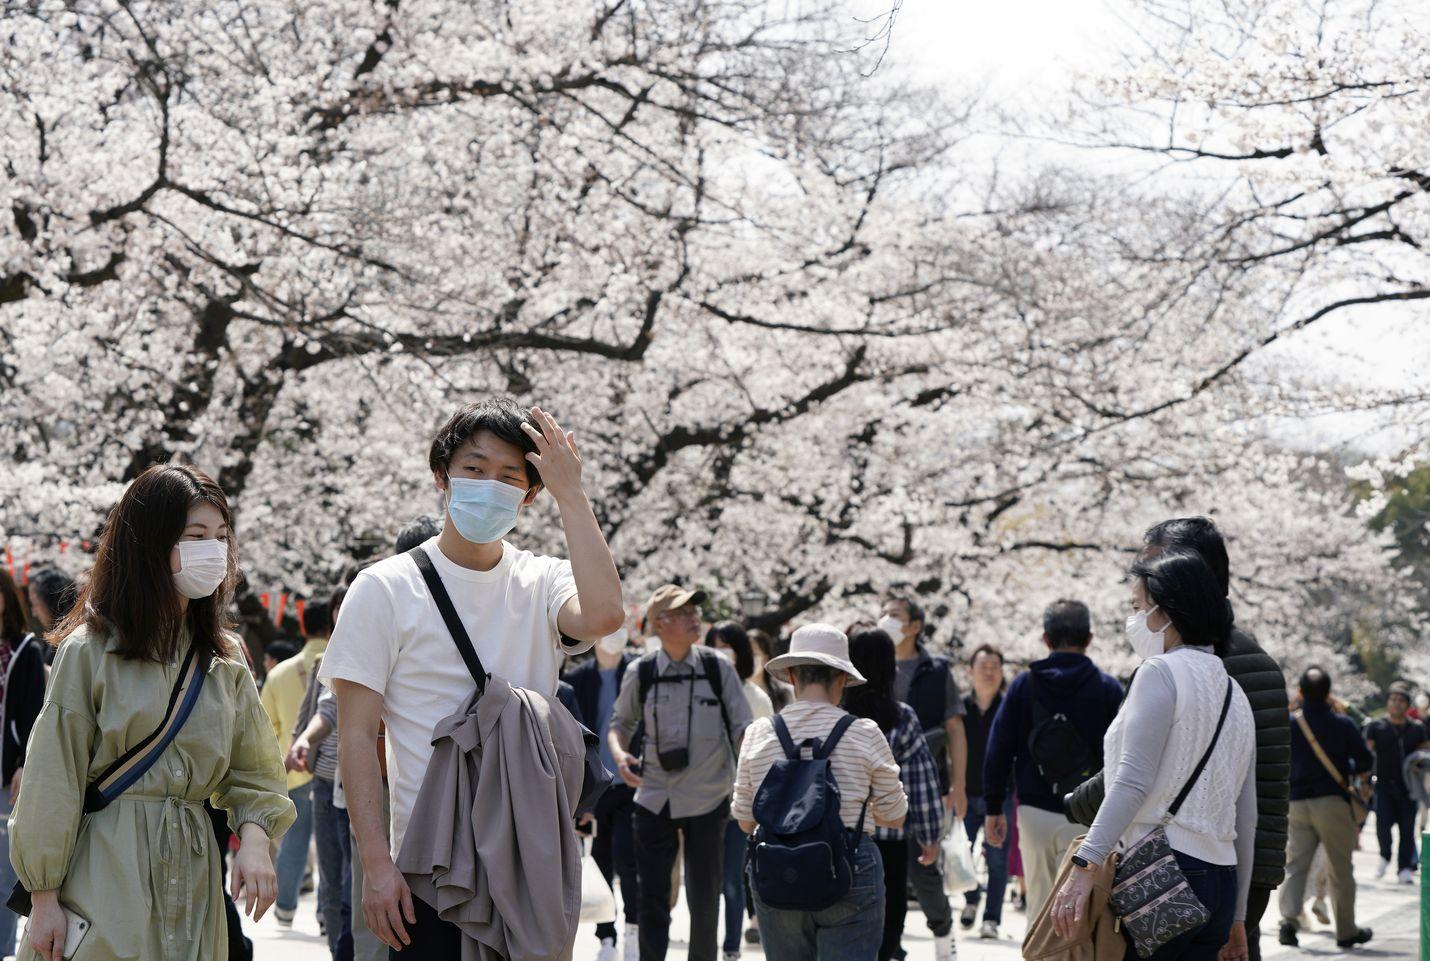 Lähes kaikki ovat käyttäneet hengityssuojaimia Japanissa koronavirusepidemian aikaan. Viime viikonloppuna tokiolaiset lähtivät puistoihin katsomaan kirsikankukkia.